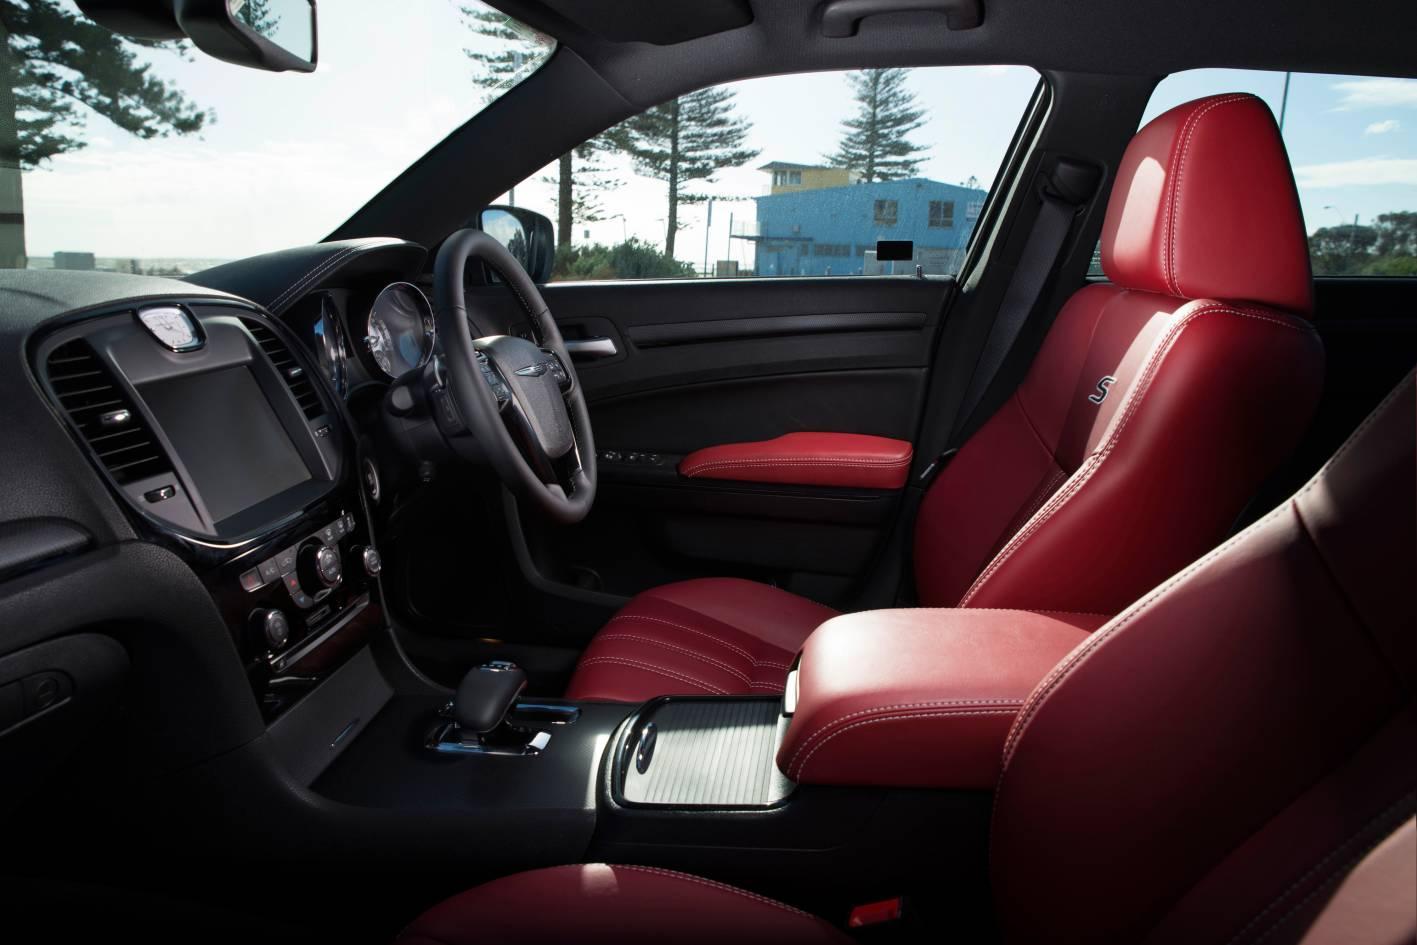 Chrysler 300s on sale in australia from 47 500 - Chrysler 300 red interior for sale ...